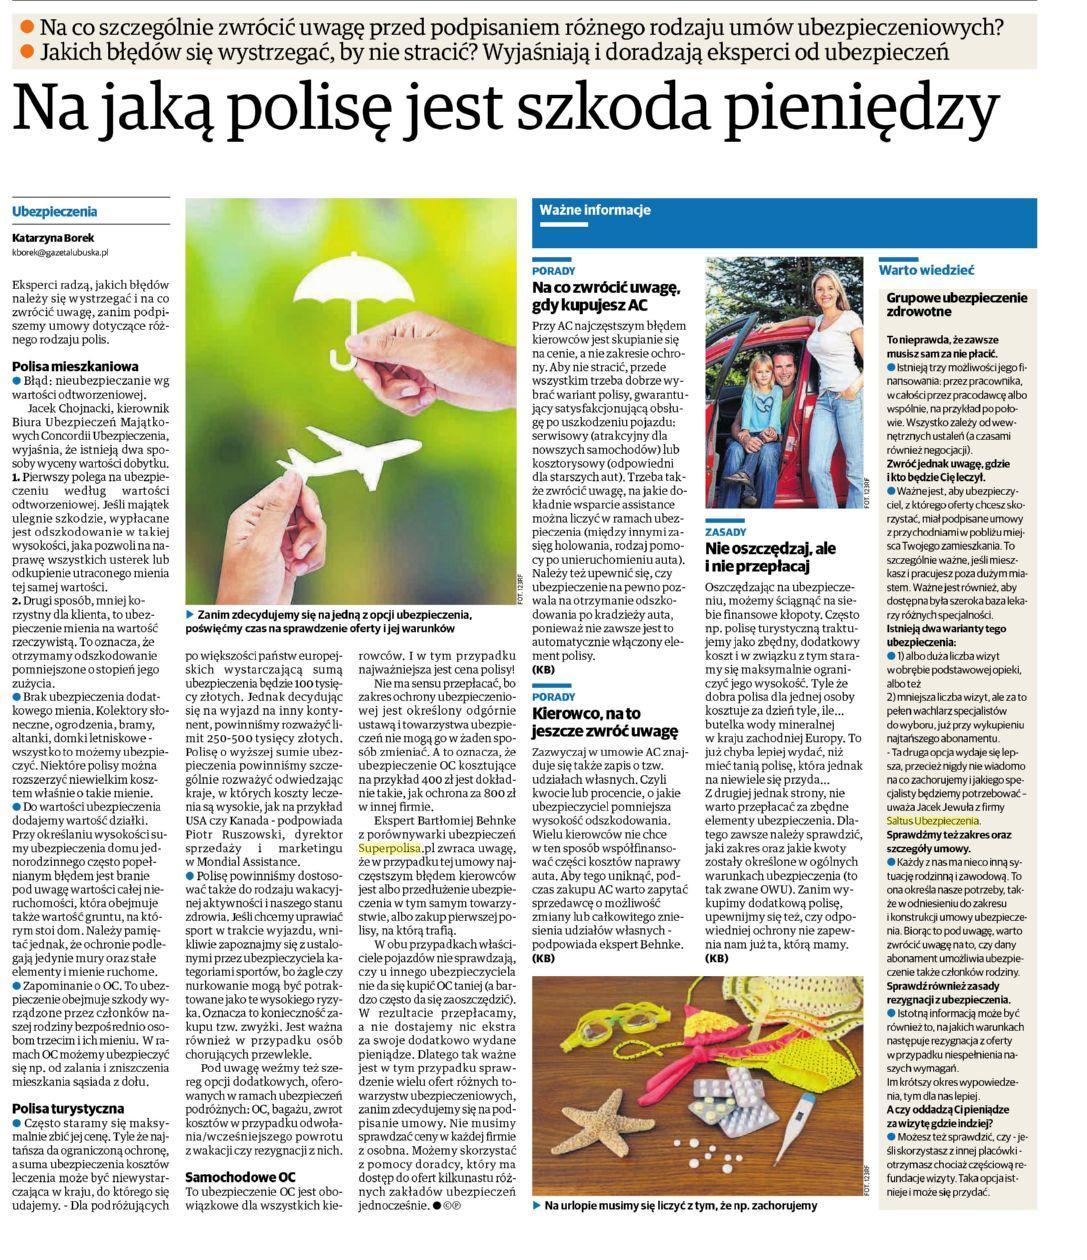 Na jaką polisę szkoda pieniędzy – Nowa Trybuna Opolska